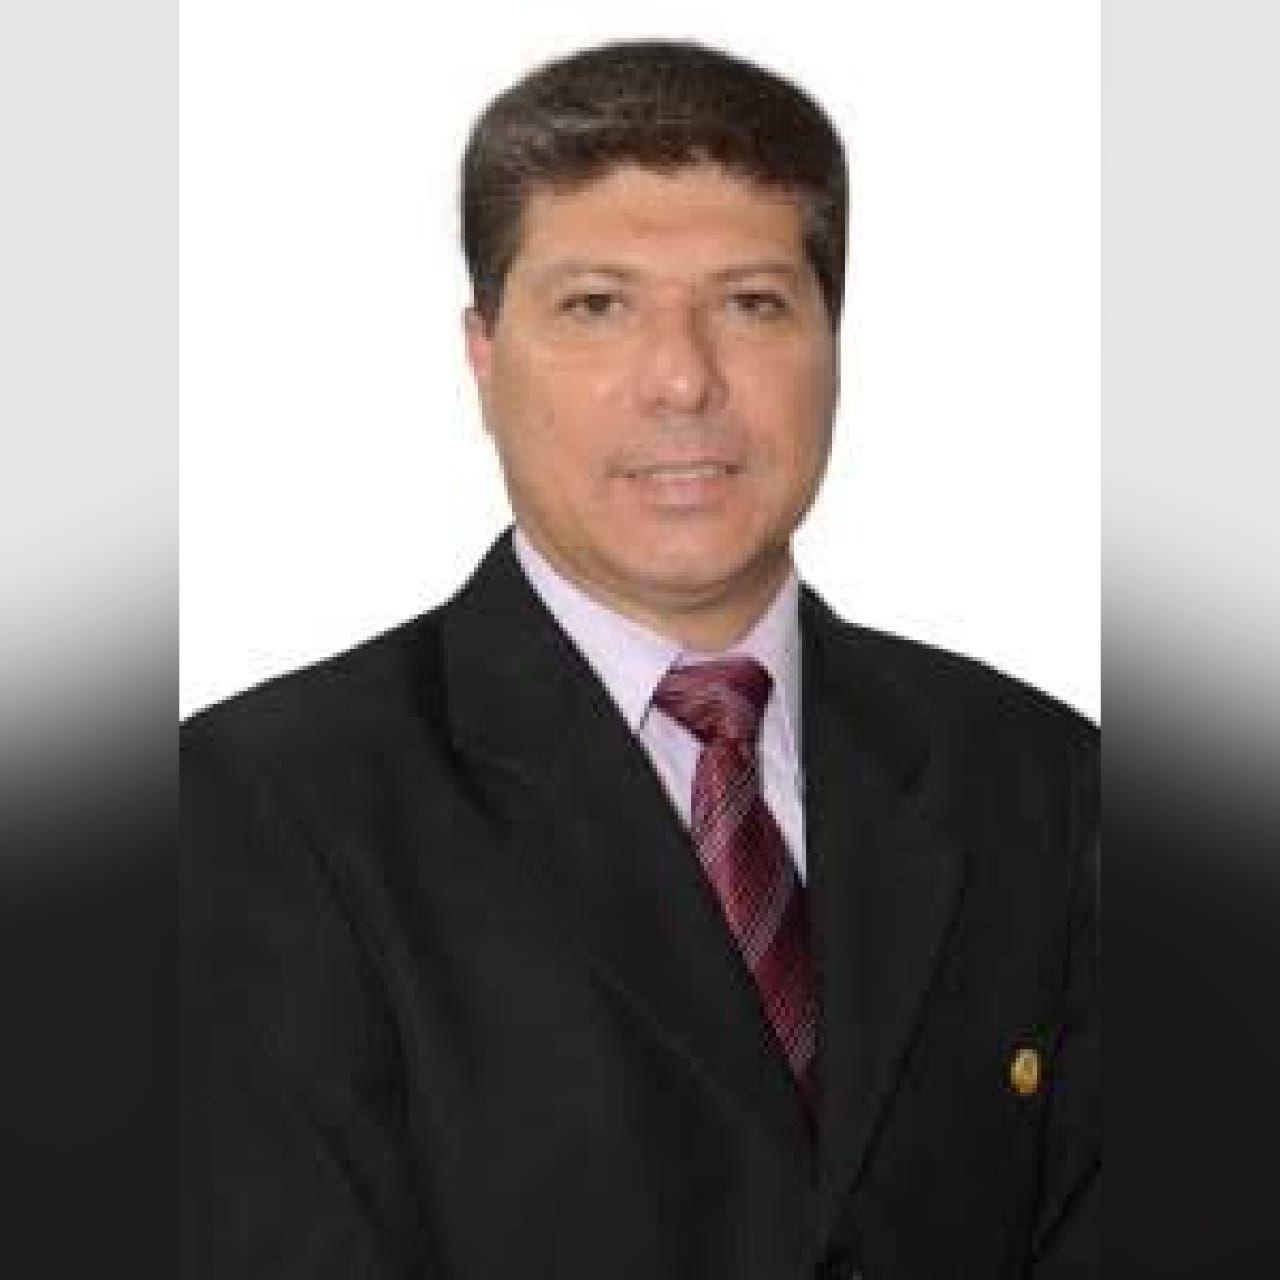 Arnaldo Neto é ex-vereador da Câmara de Caçapava e atual assessor da presidência do Legislativo.